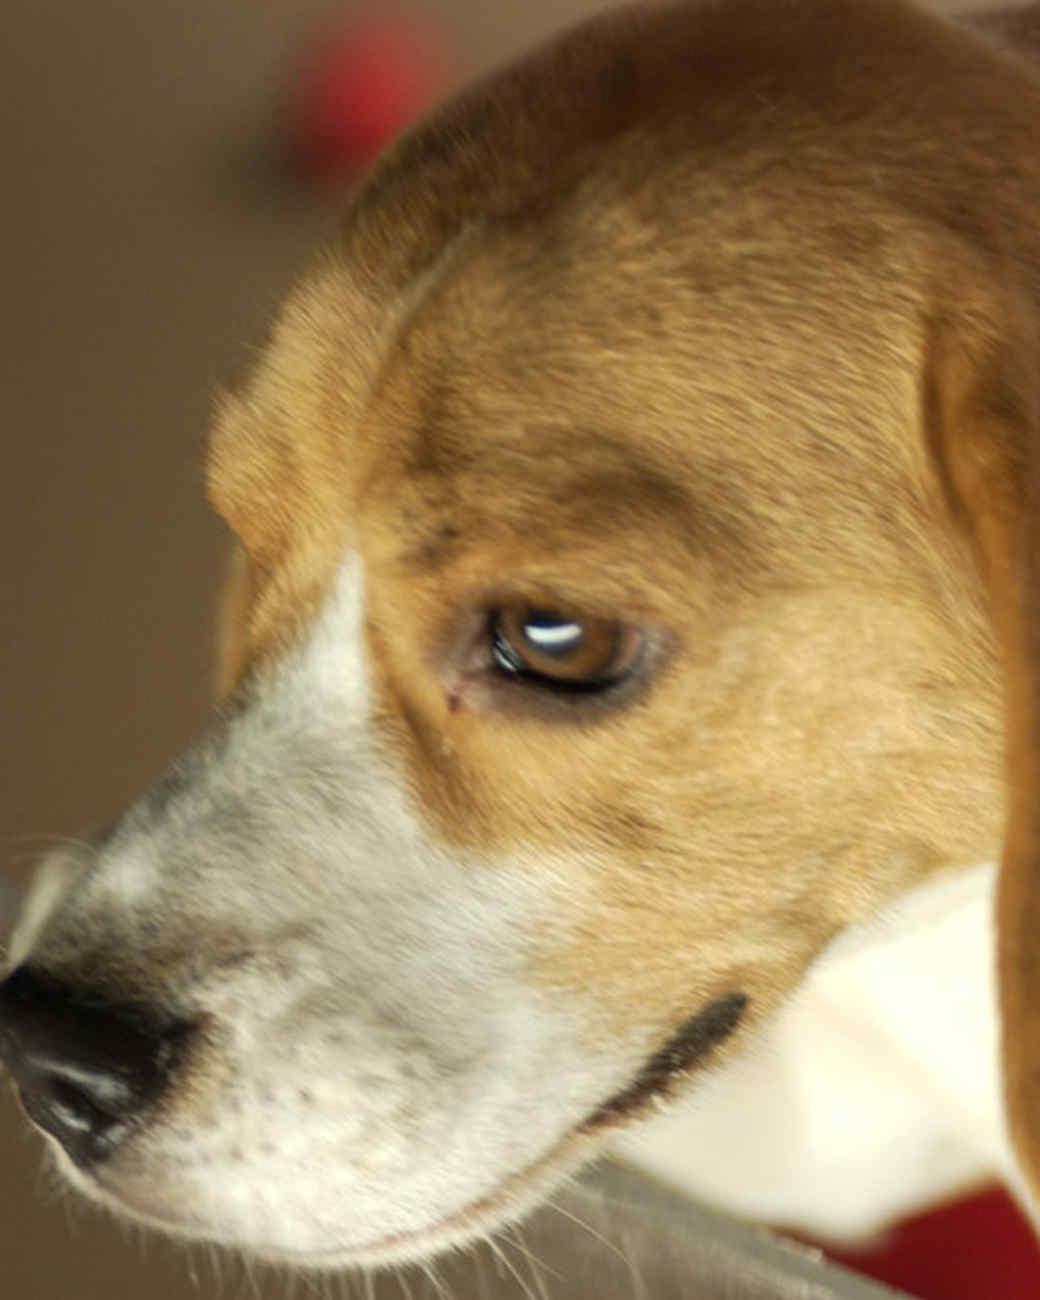 pe_dogs_tvs9677_10.jpg